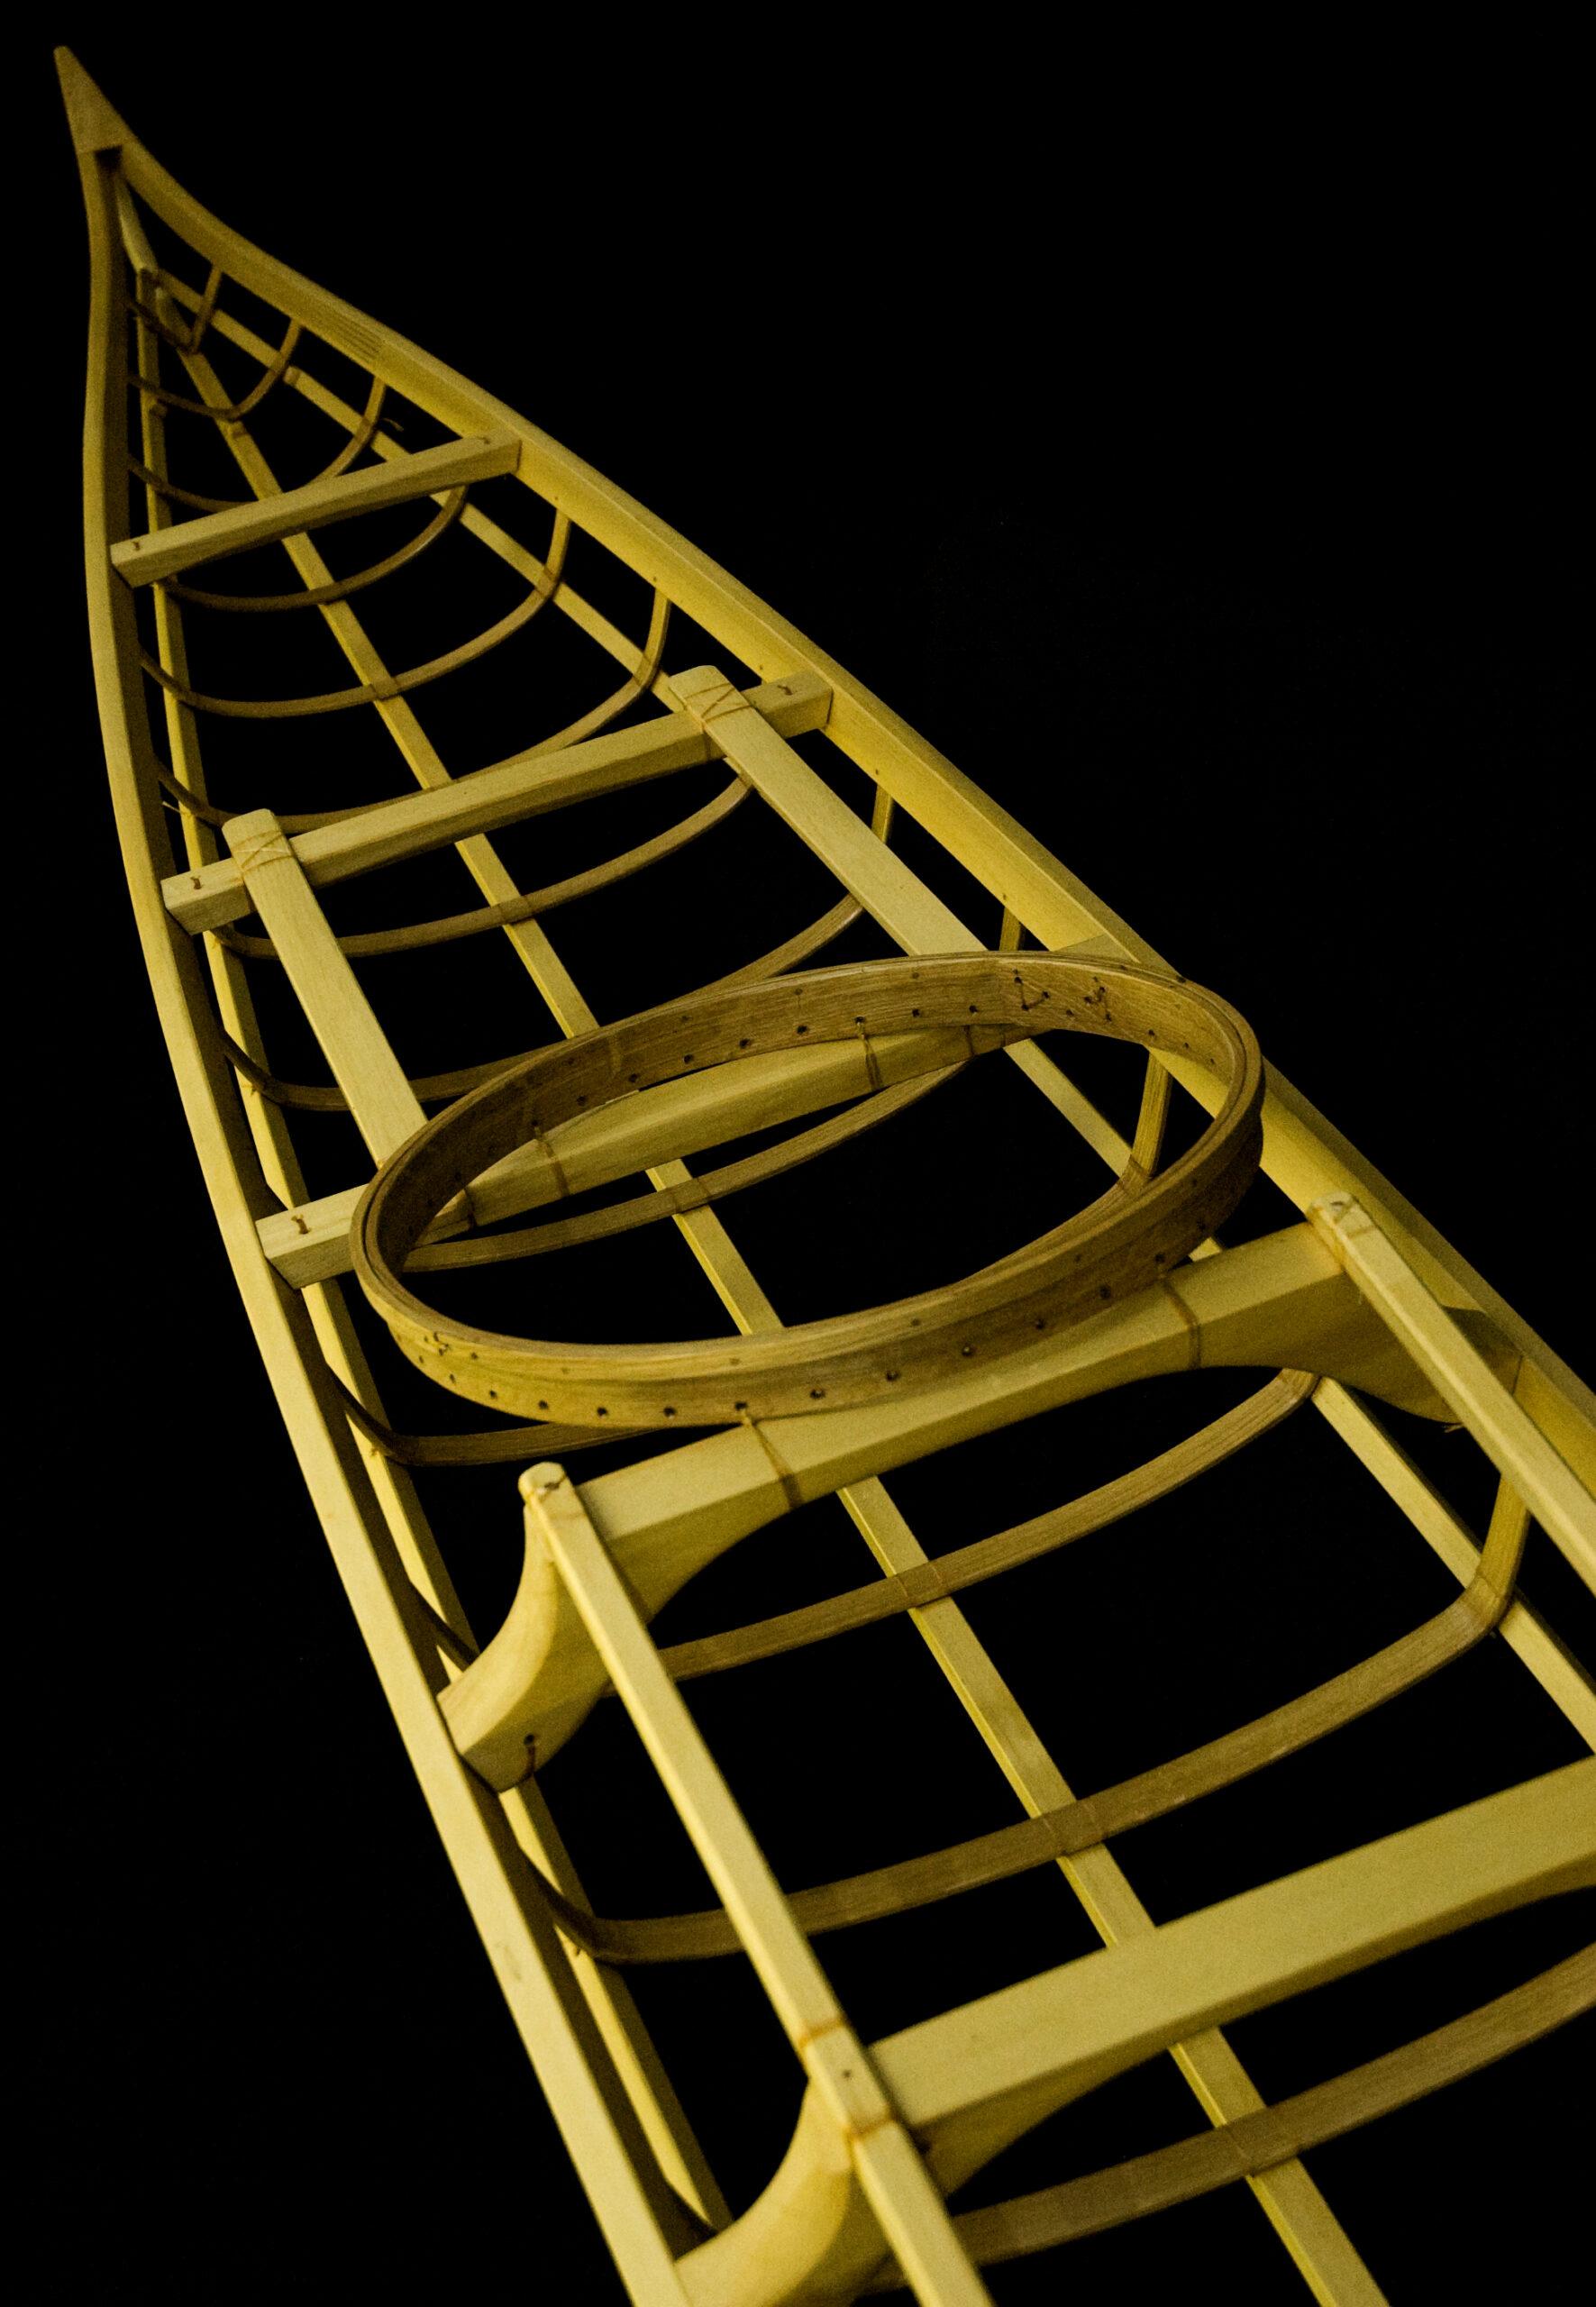 Alaskan Yellow Cedar Wooden Kayak frame by Nick Schade